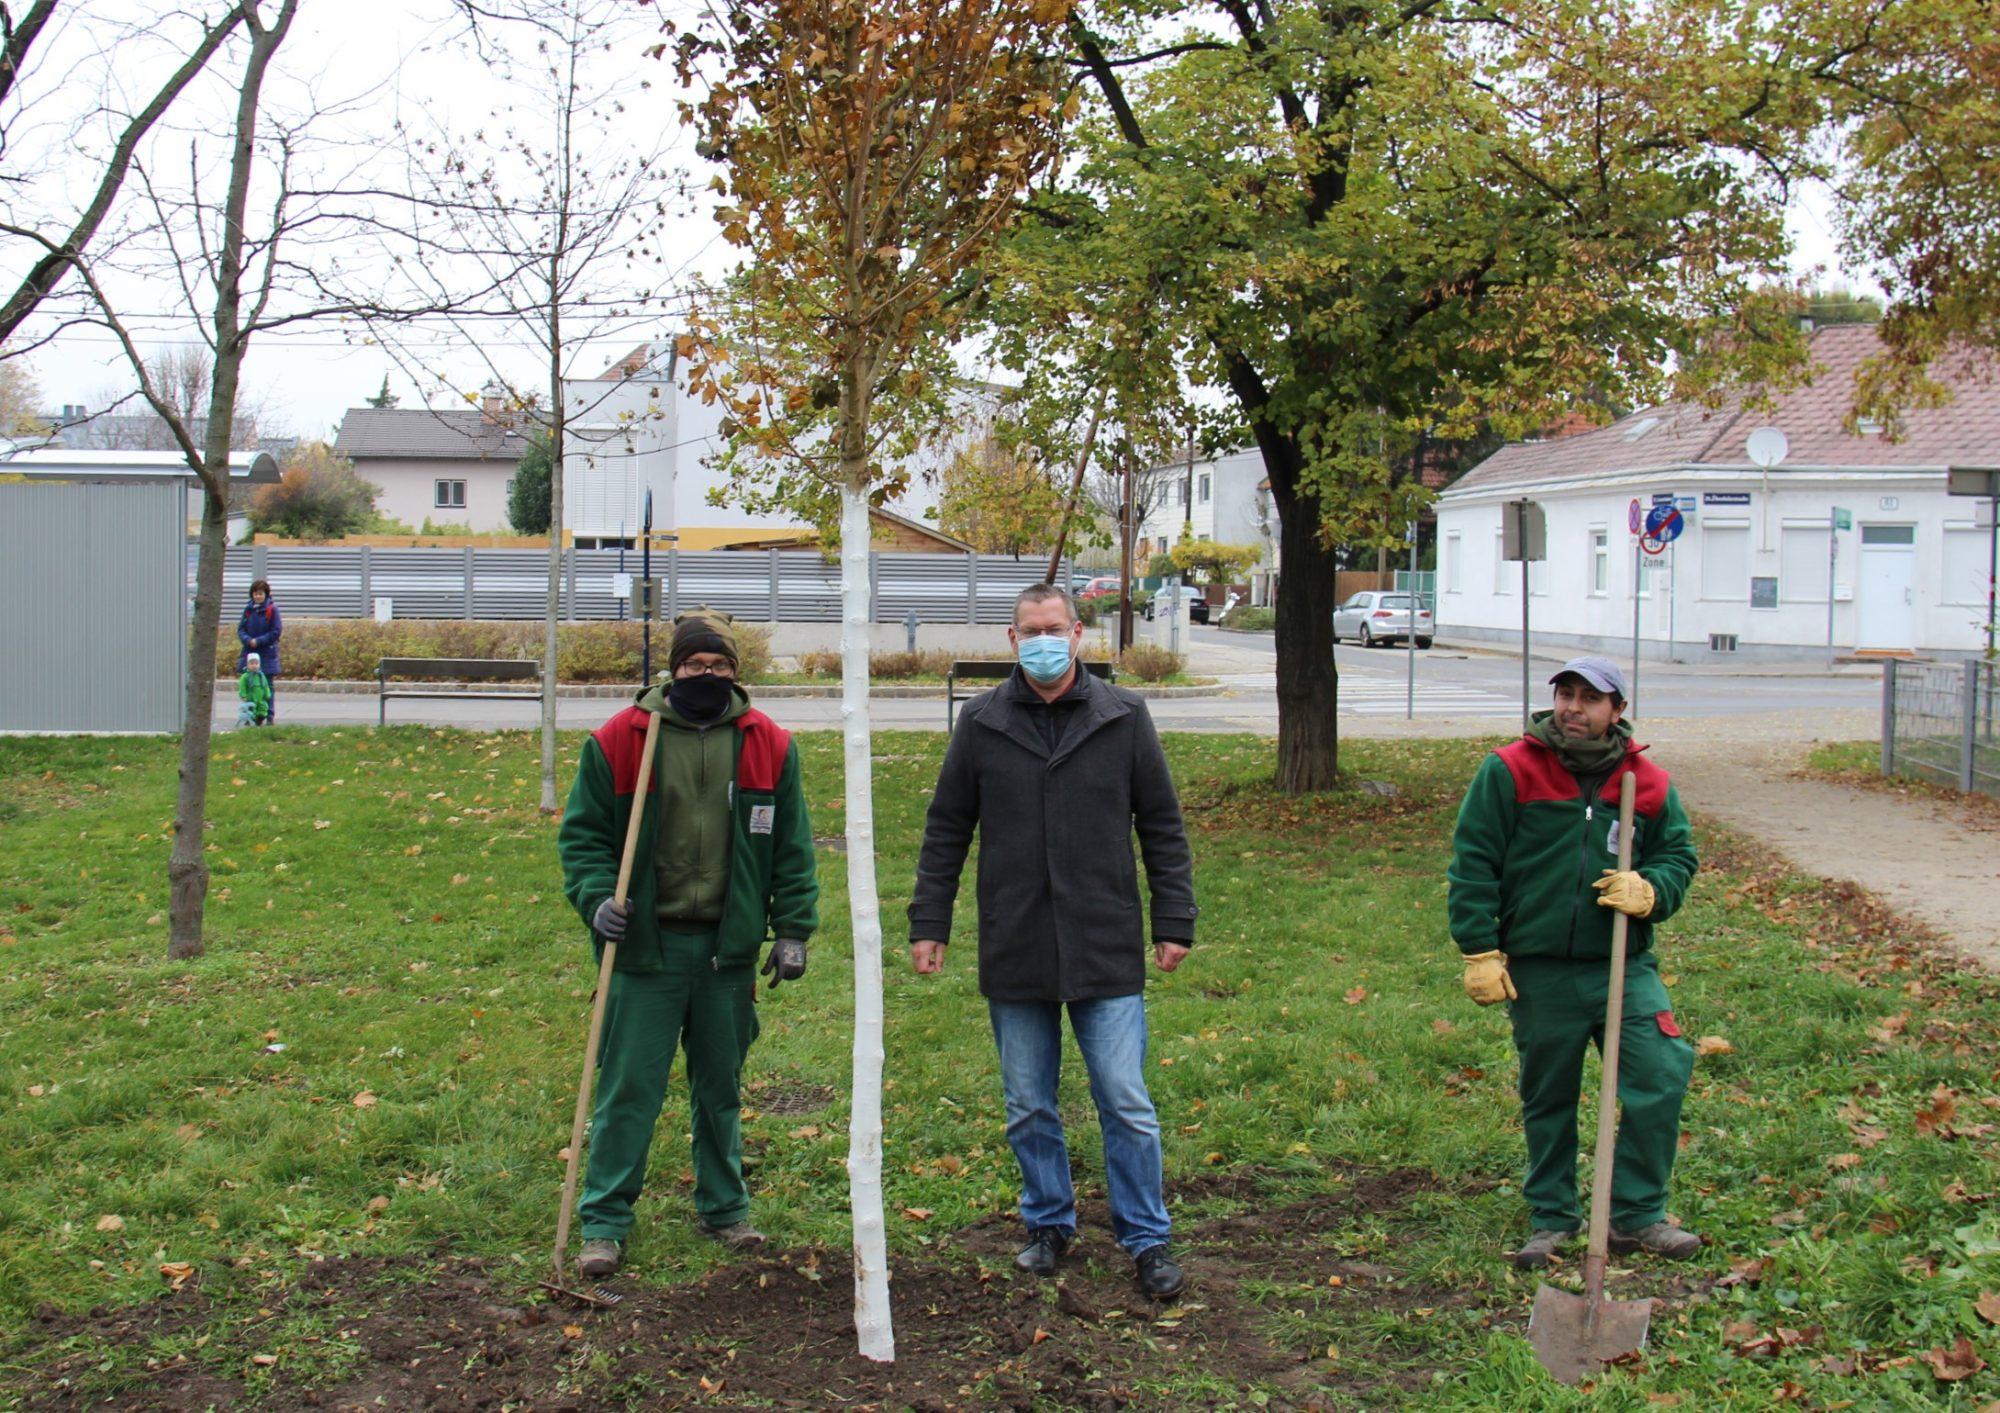 Baum steht. Bezirksvorsteher Georg Papai mit Mitarbeitern der MA42. Bild: BV21.